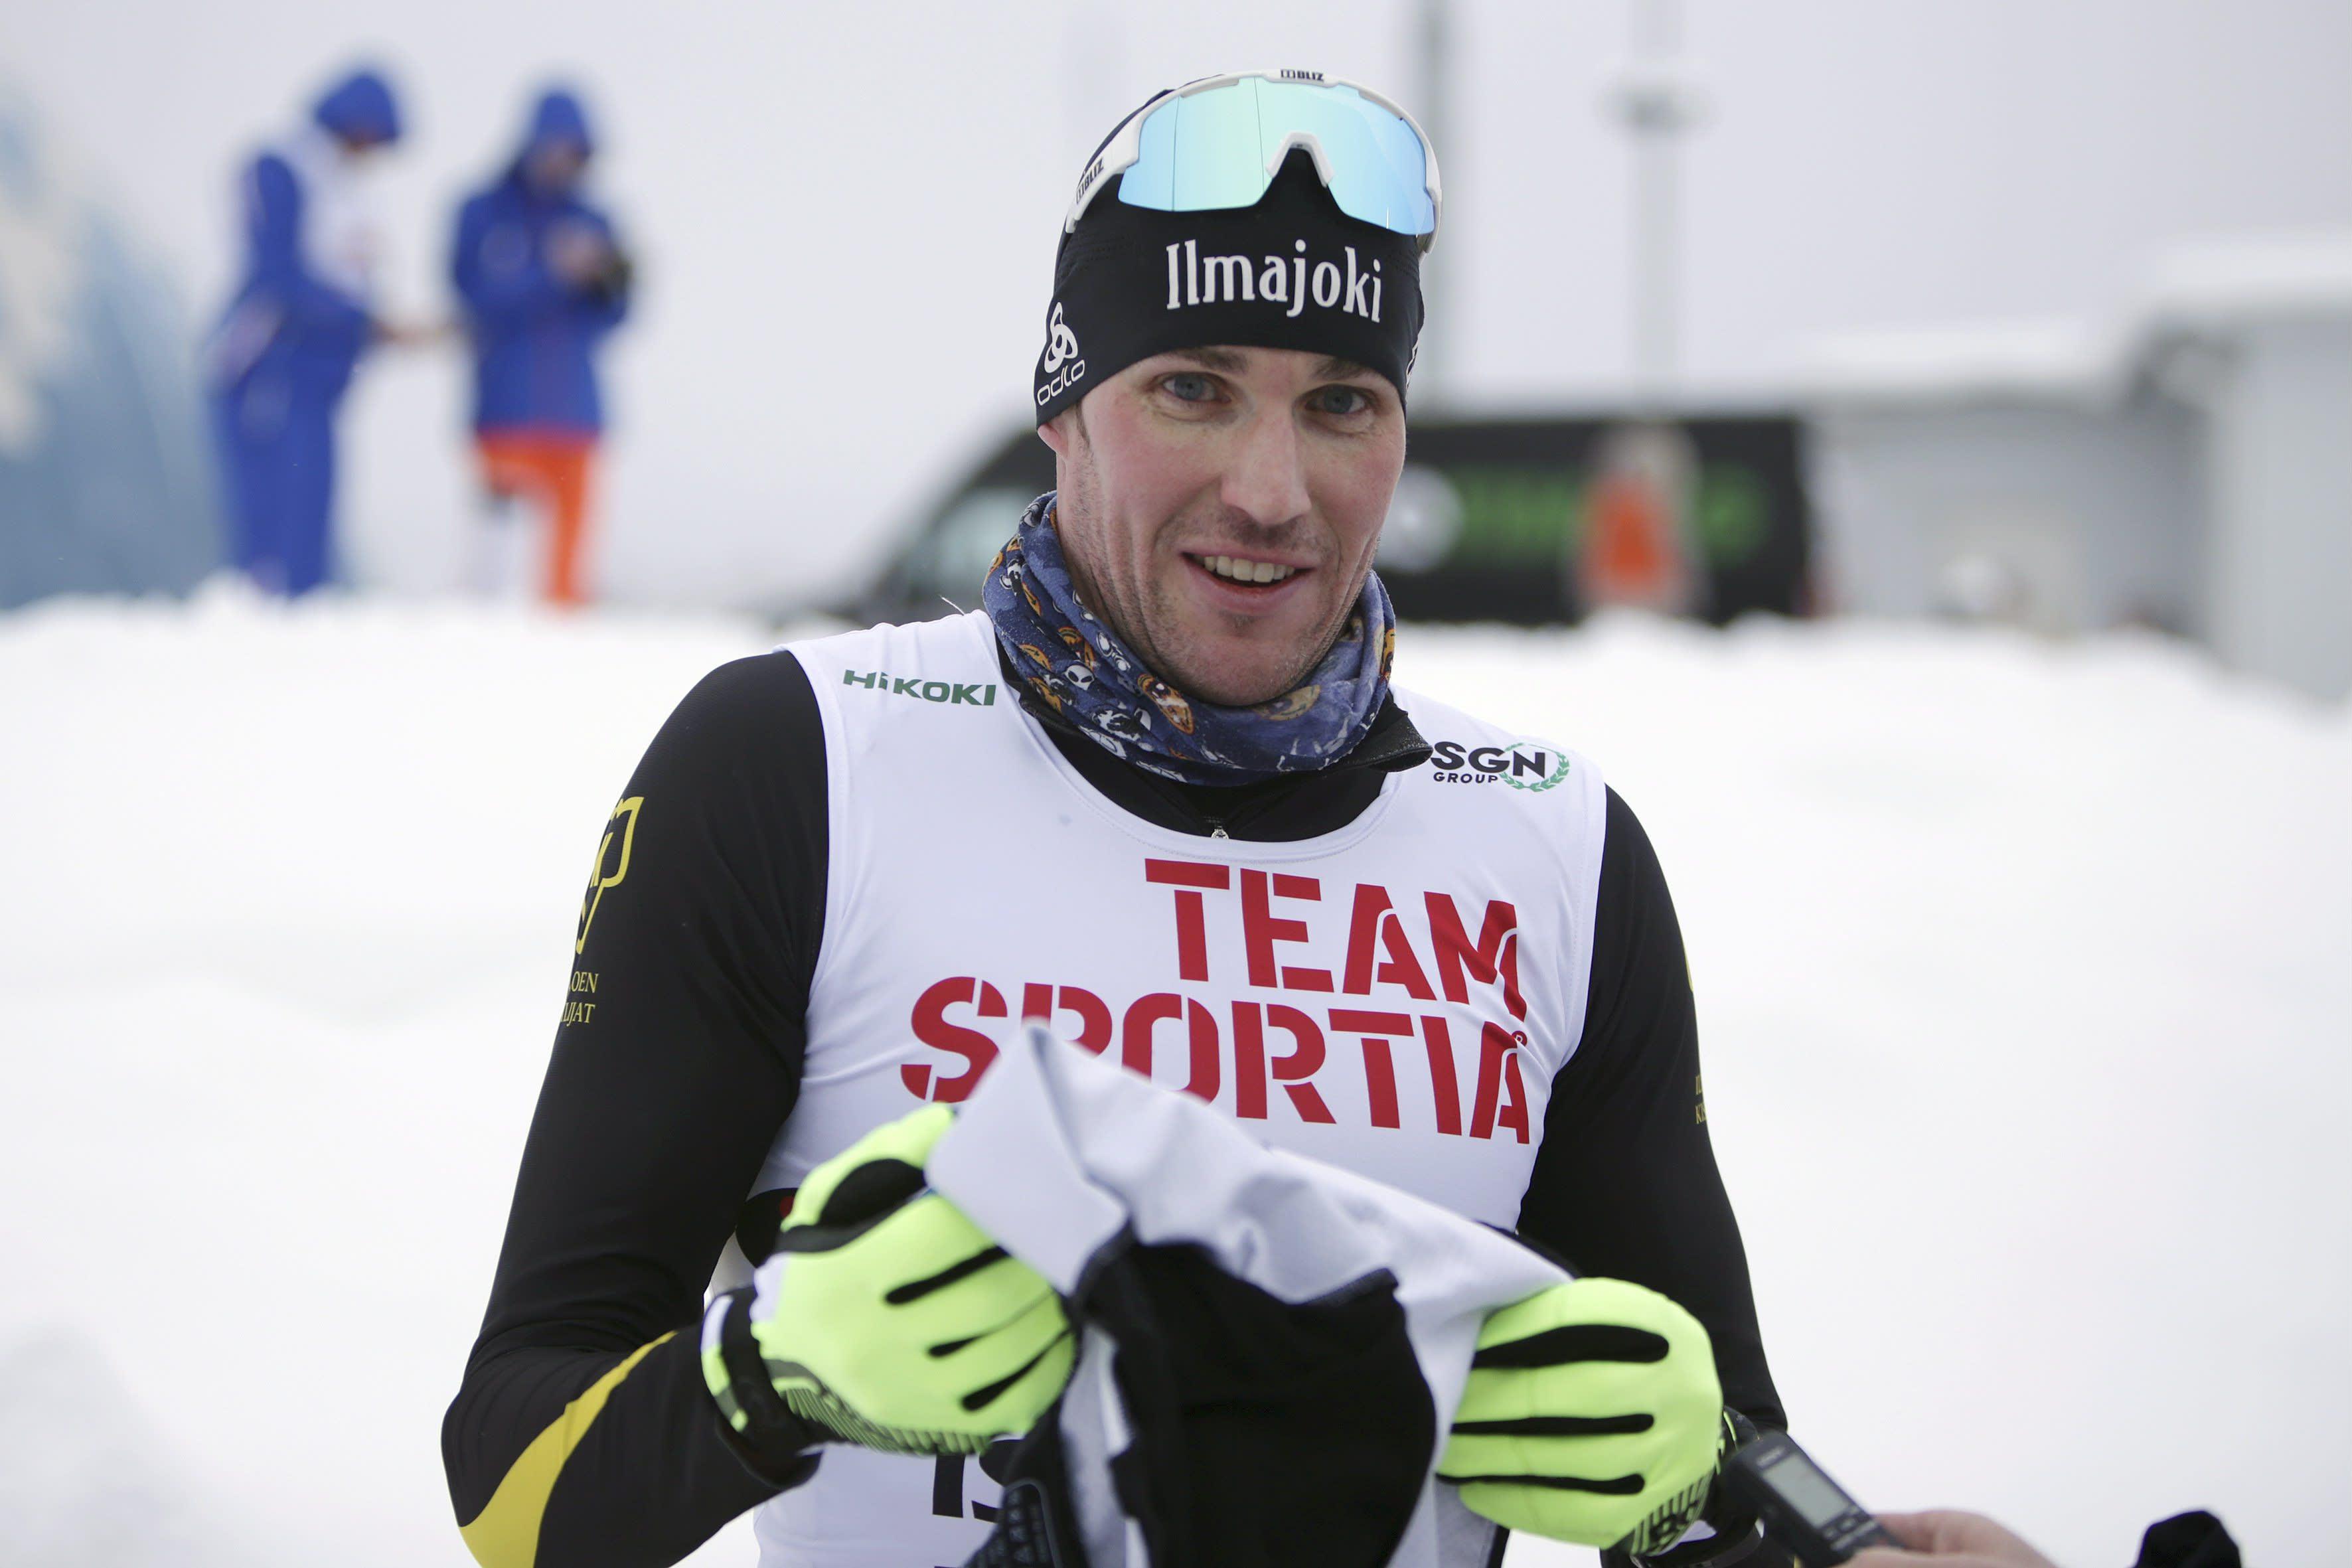 Vuosituhannen alun hiihtolupaus Timo Mantere on väläytellyt vauhtiaan kaksissa viime SM-kisoissa. Ikää on taulussa vasta vaivaiset 36 vuotta.